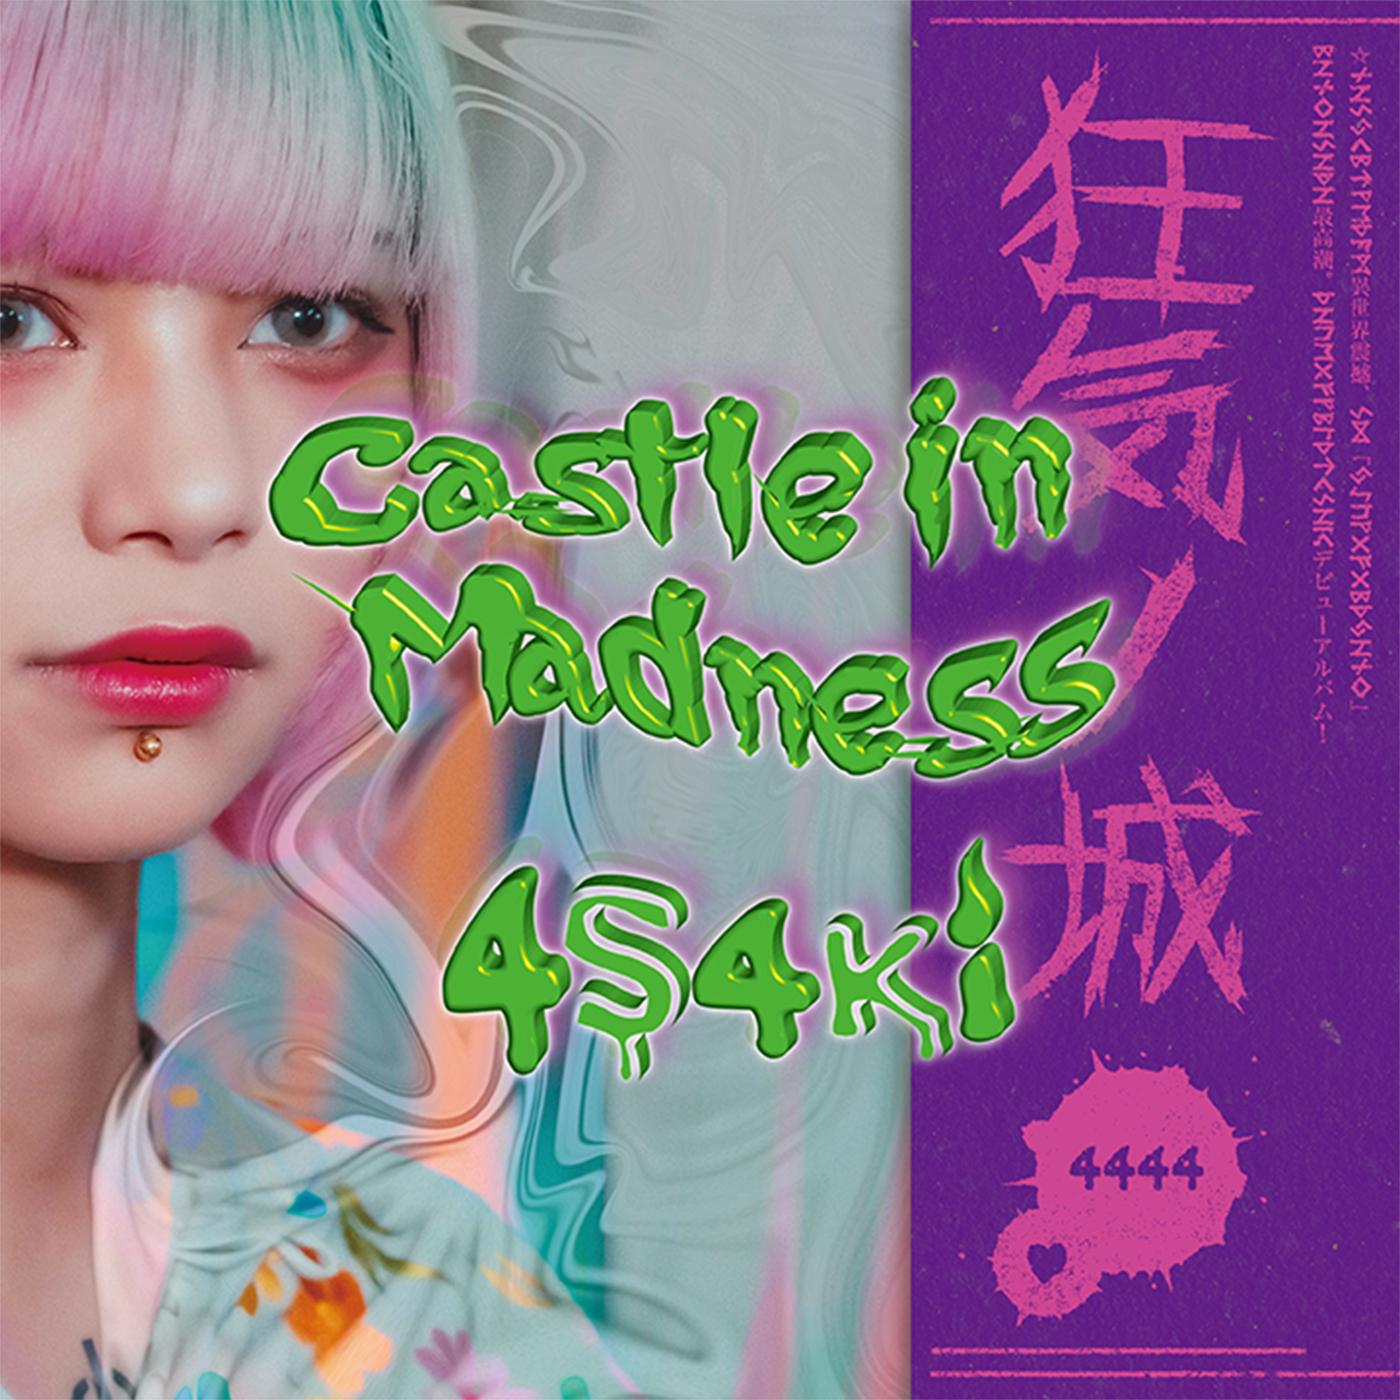 4s4ki 『Castle in Madness』